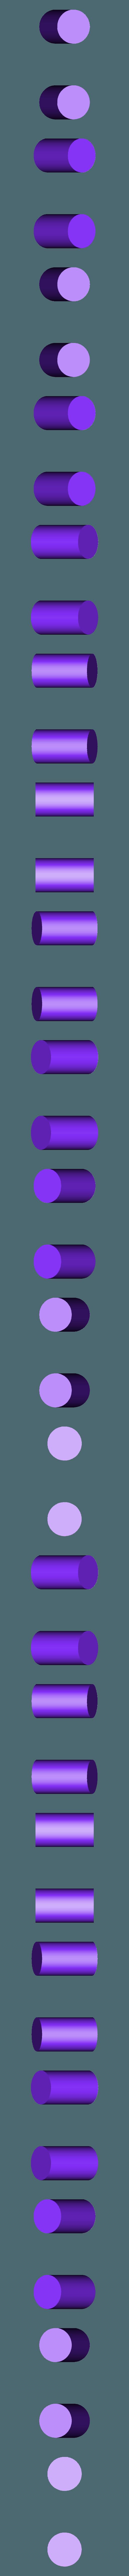 pegcircle.stl Télécharger fichier STL gratuit Hache de main de Norn Guild Wars 2 • Modèle pour imprimante 3D, reakain